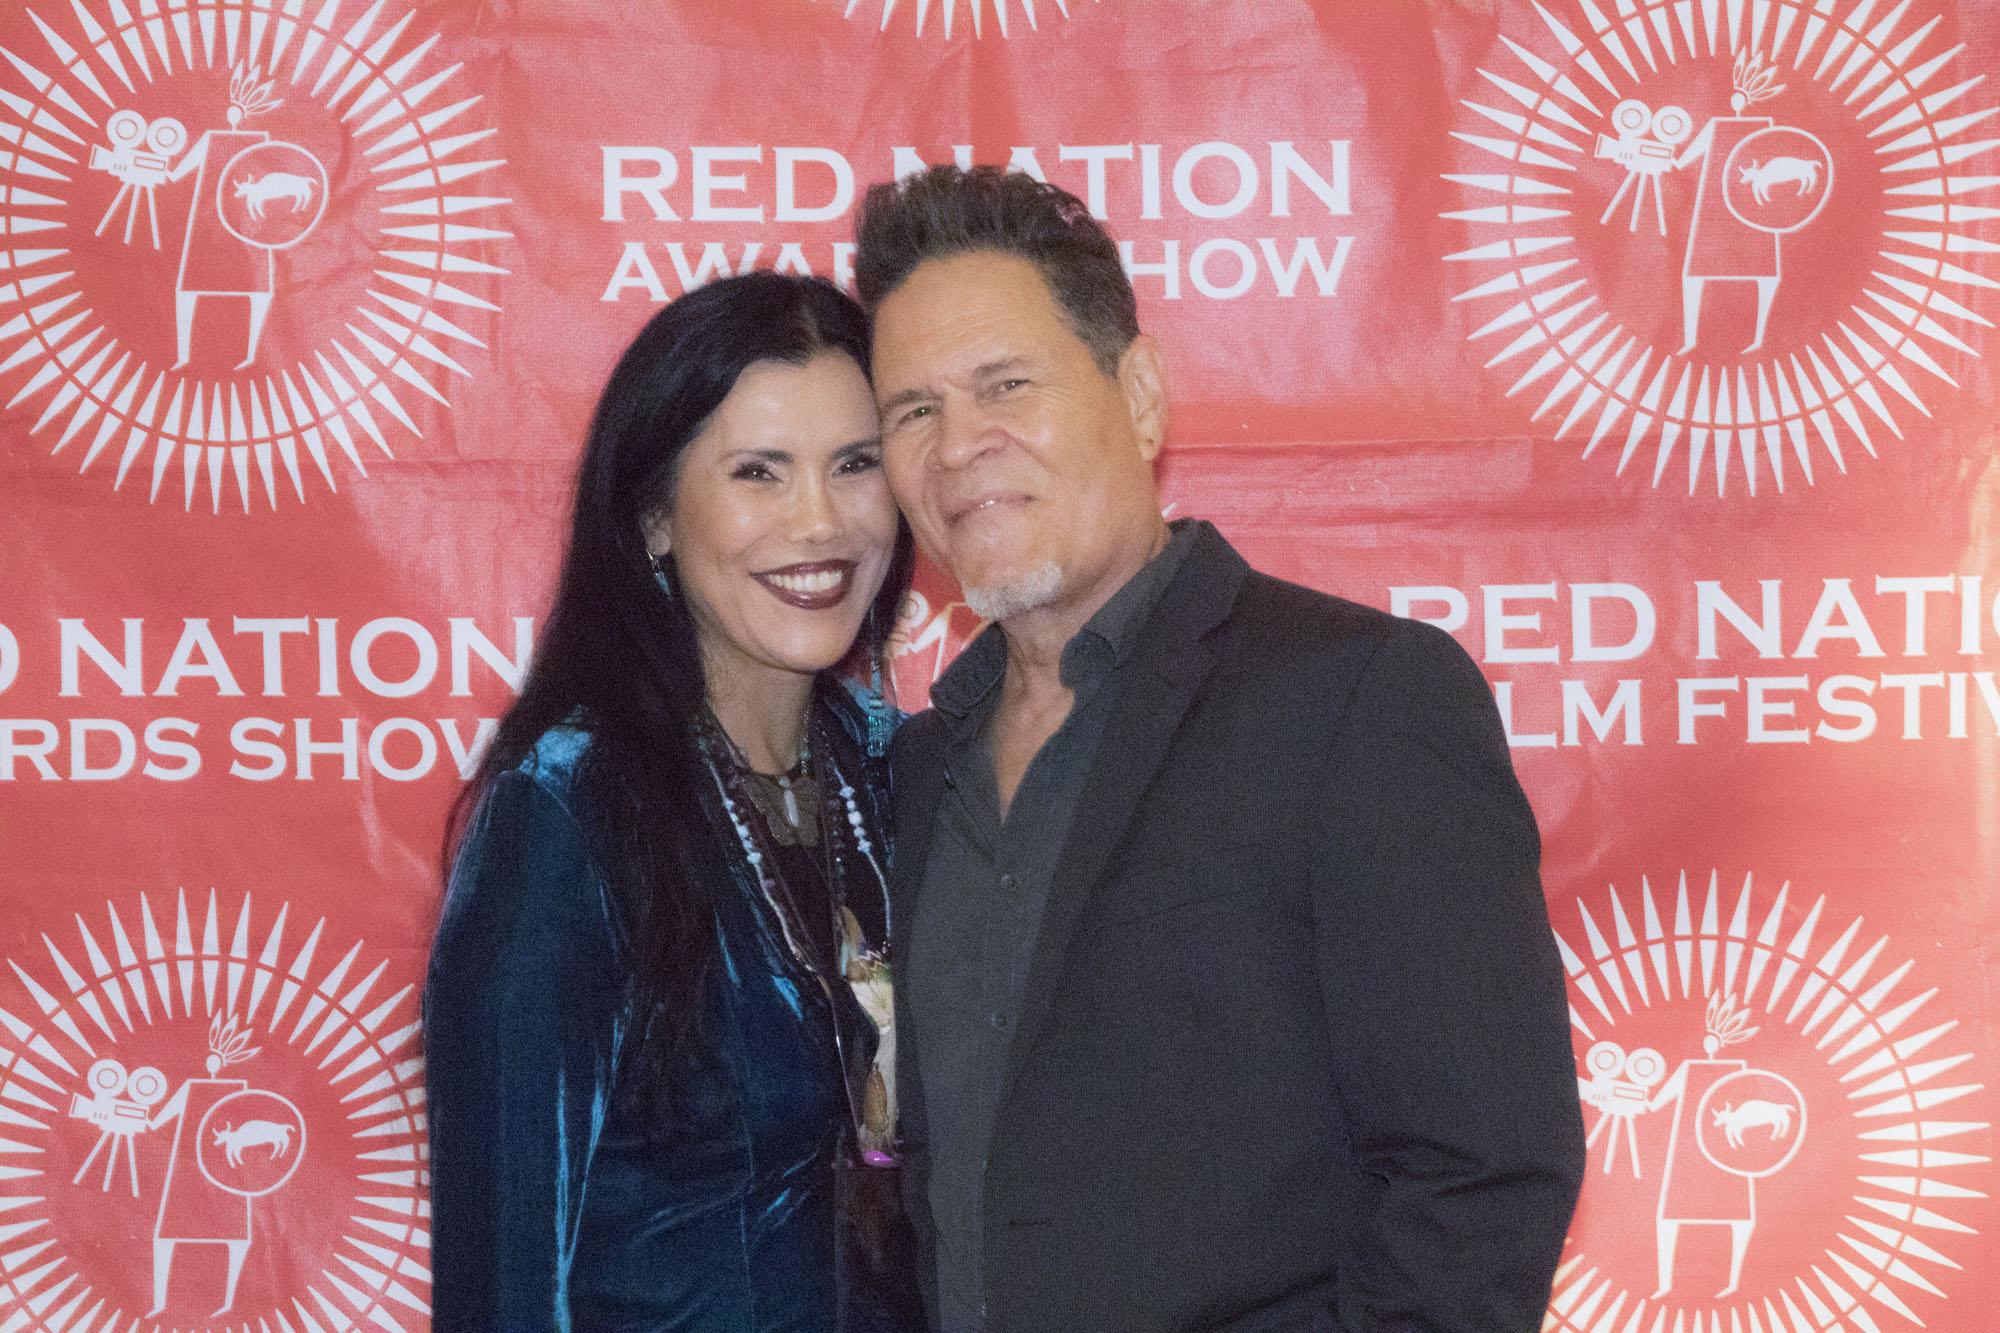 Red Nation Film Festival 2017